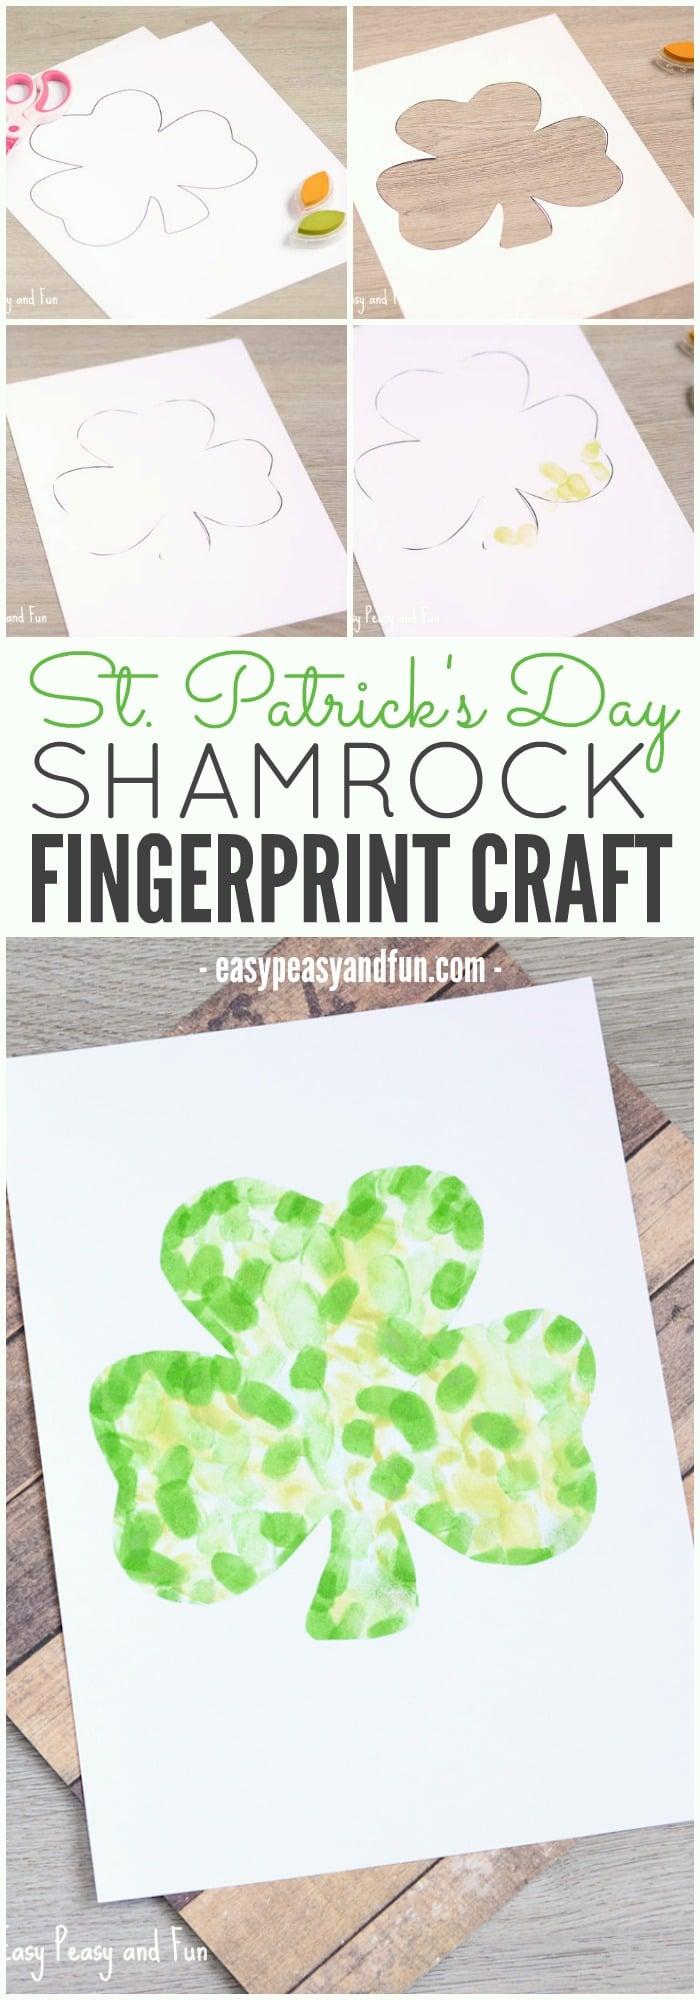 Easy Fingerprint Shamrock Craft